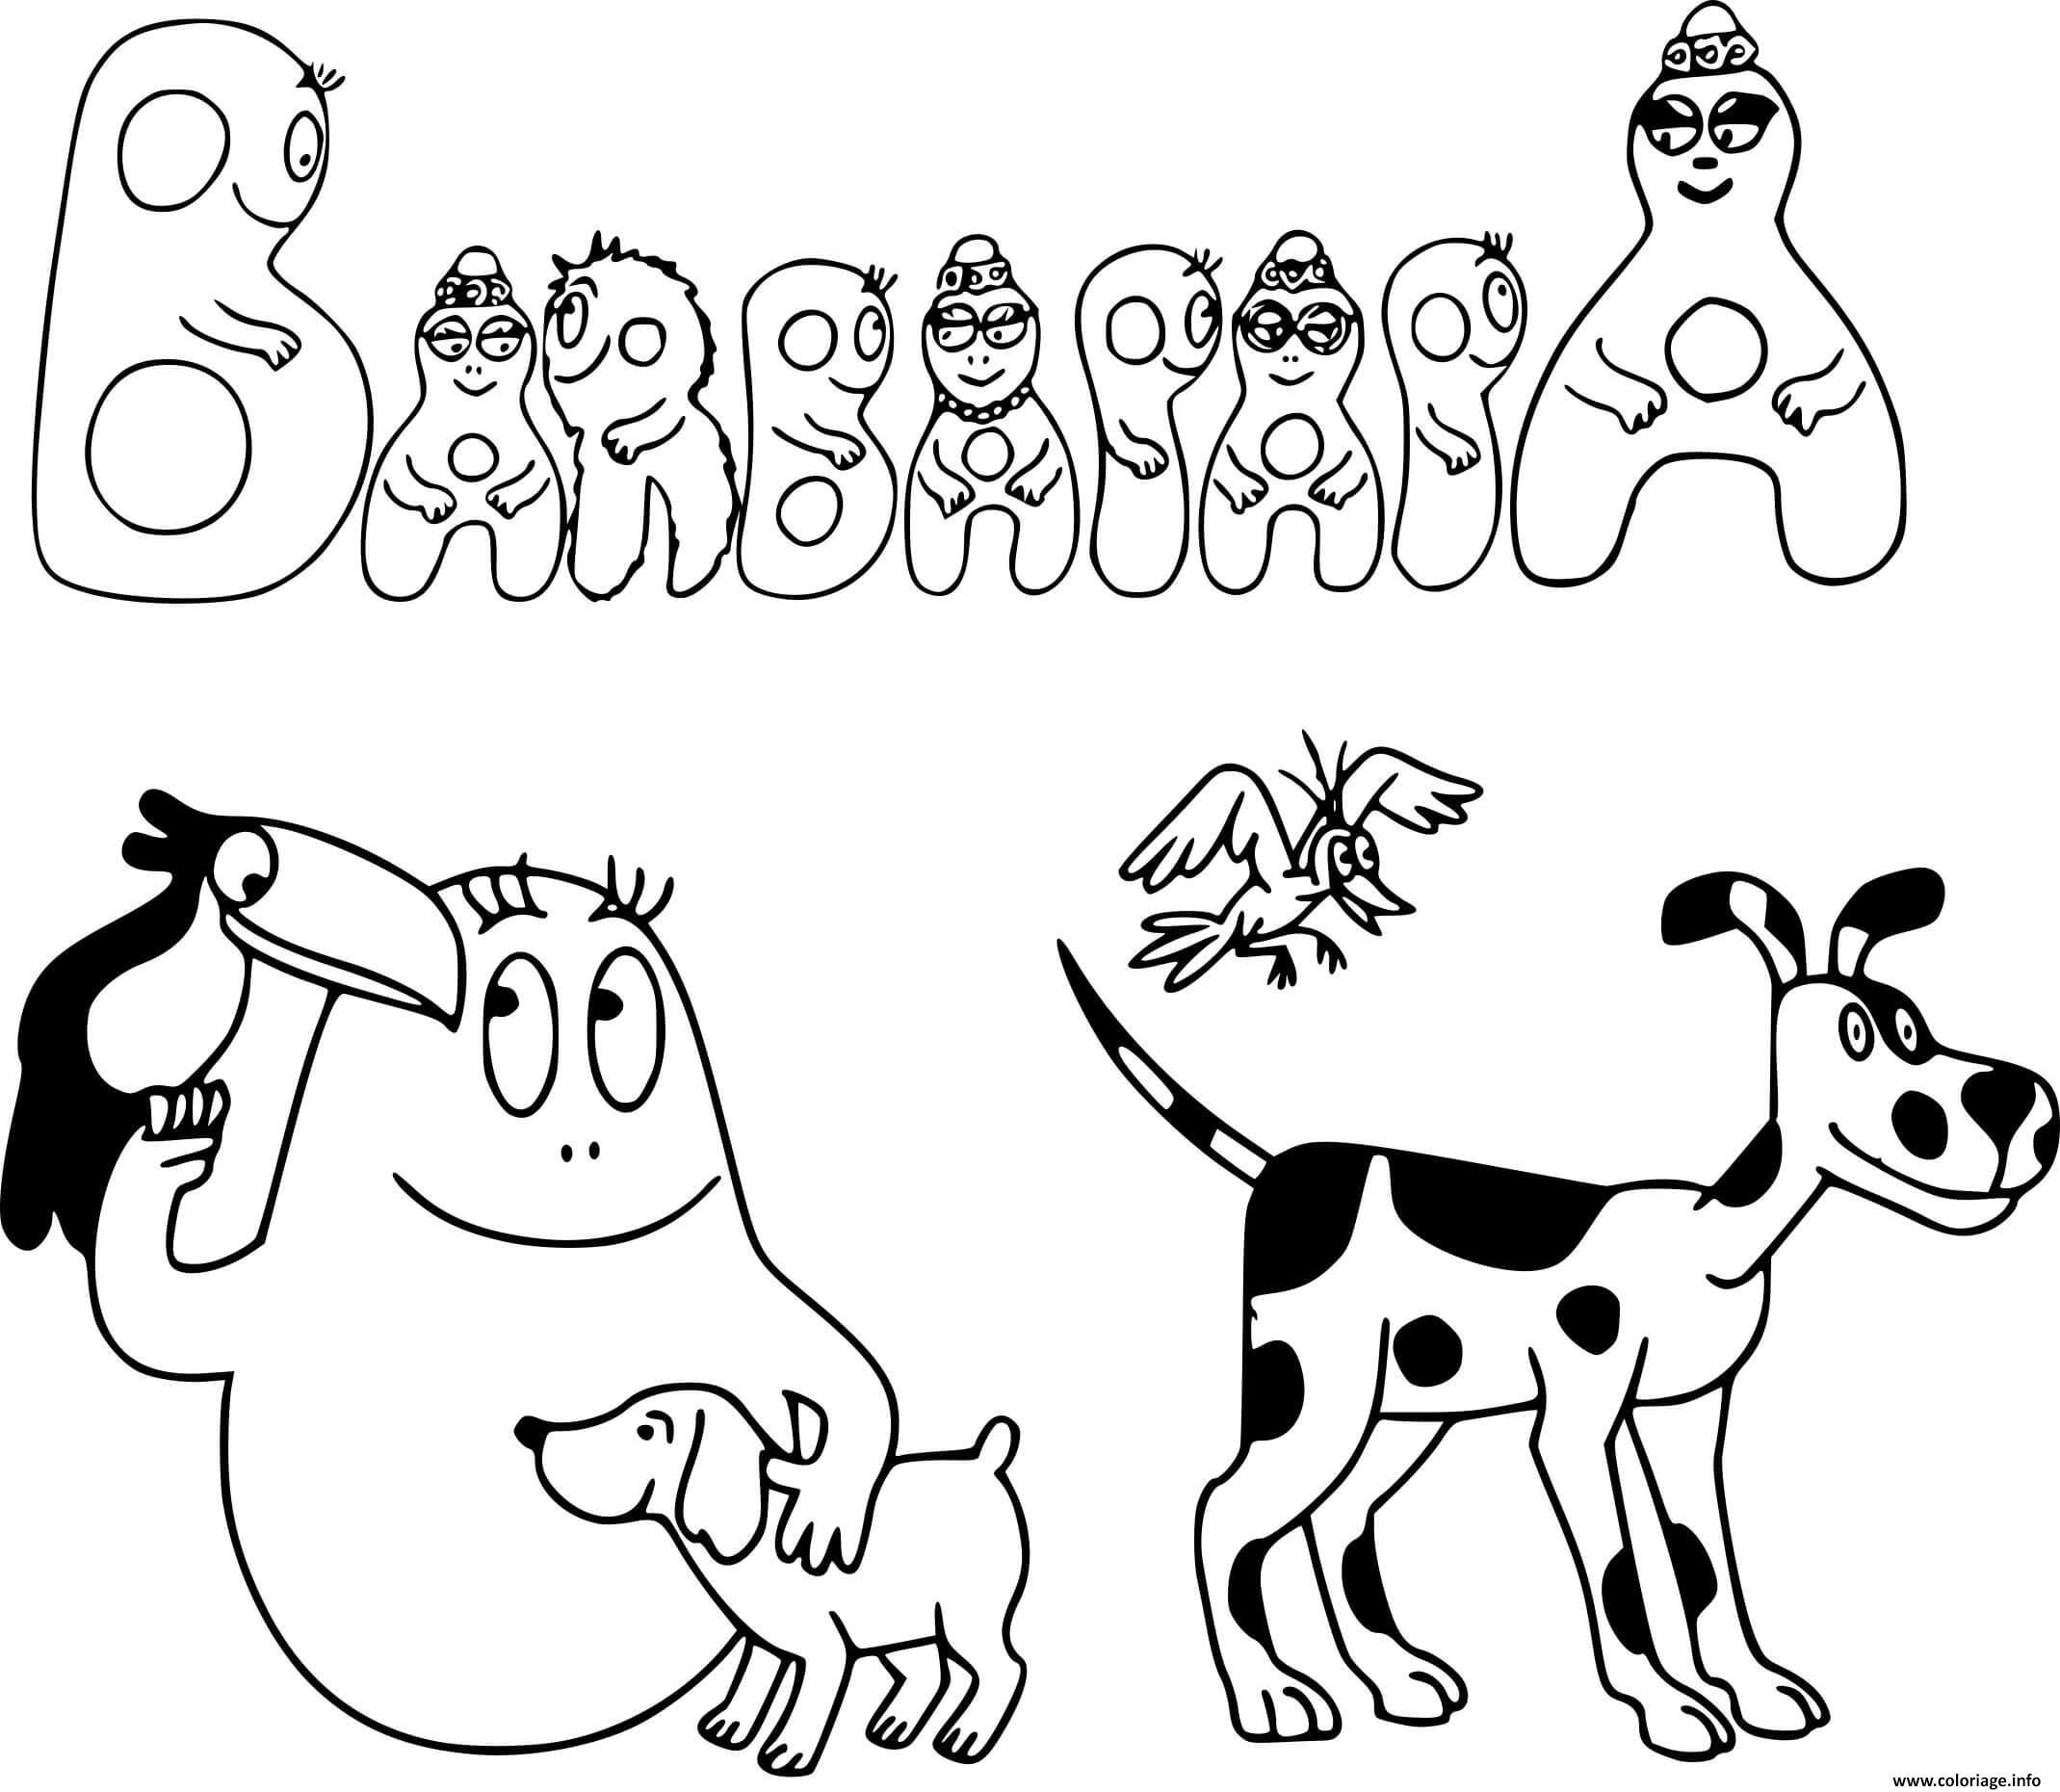 Dessin barbapapa et les animaux Coloriage Gratuit à Imprimer